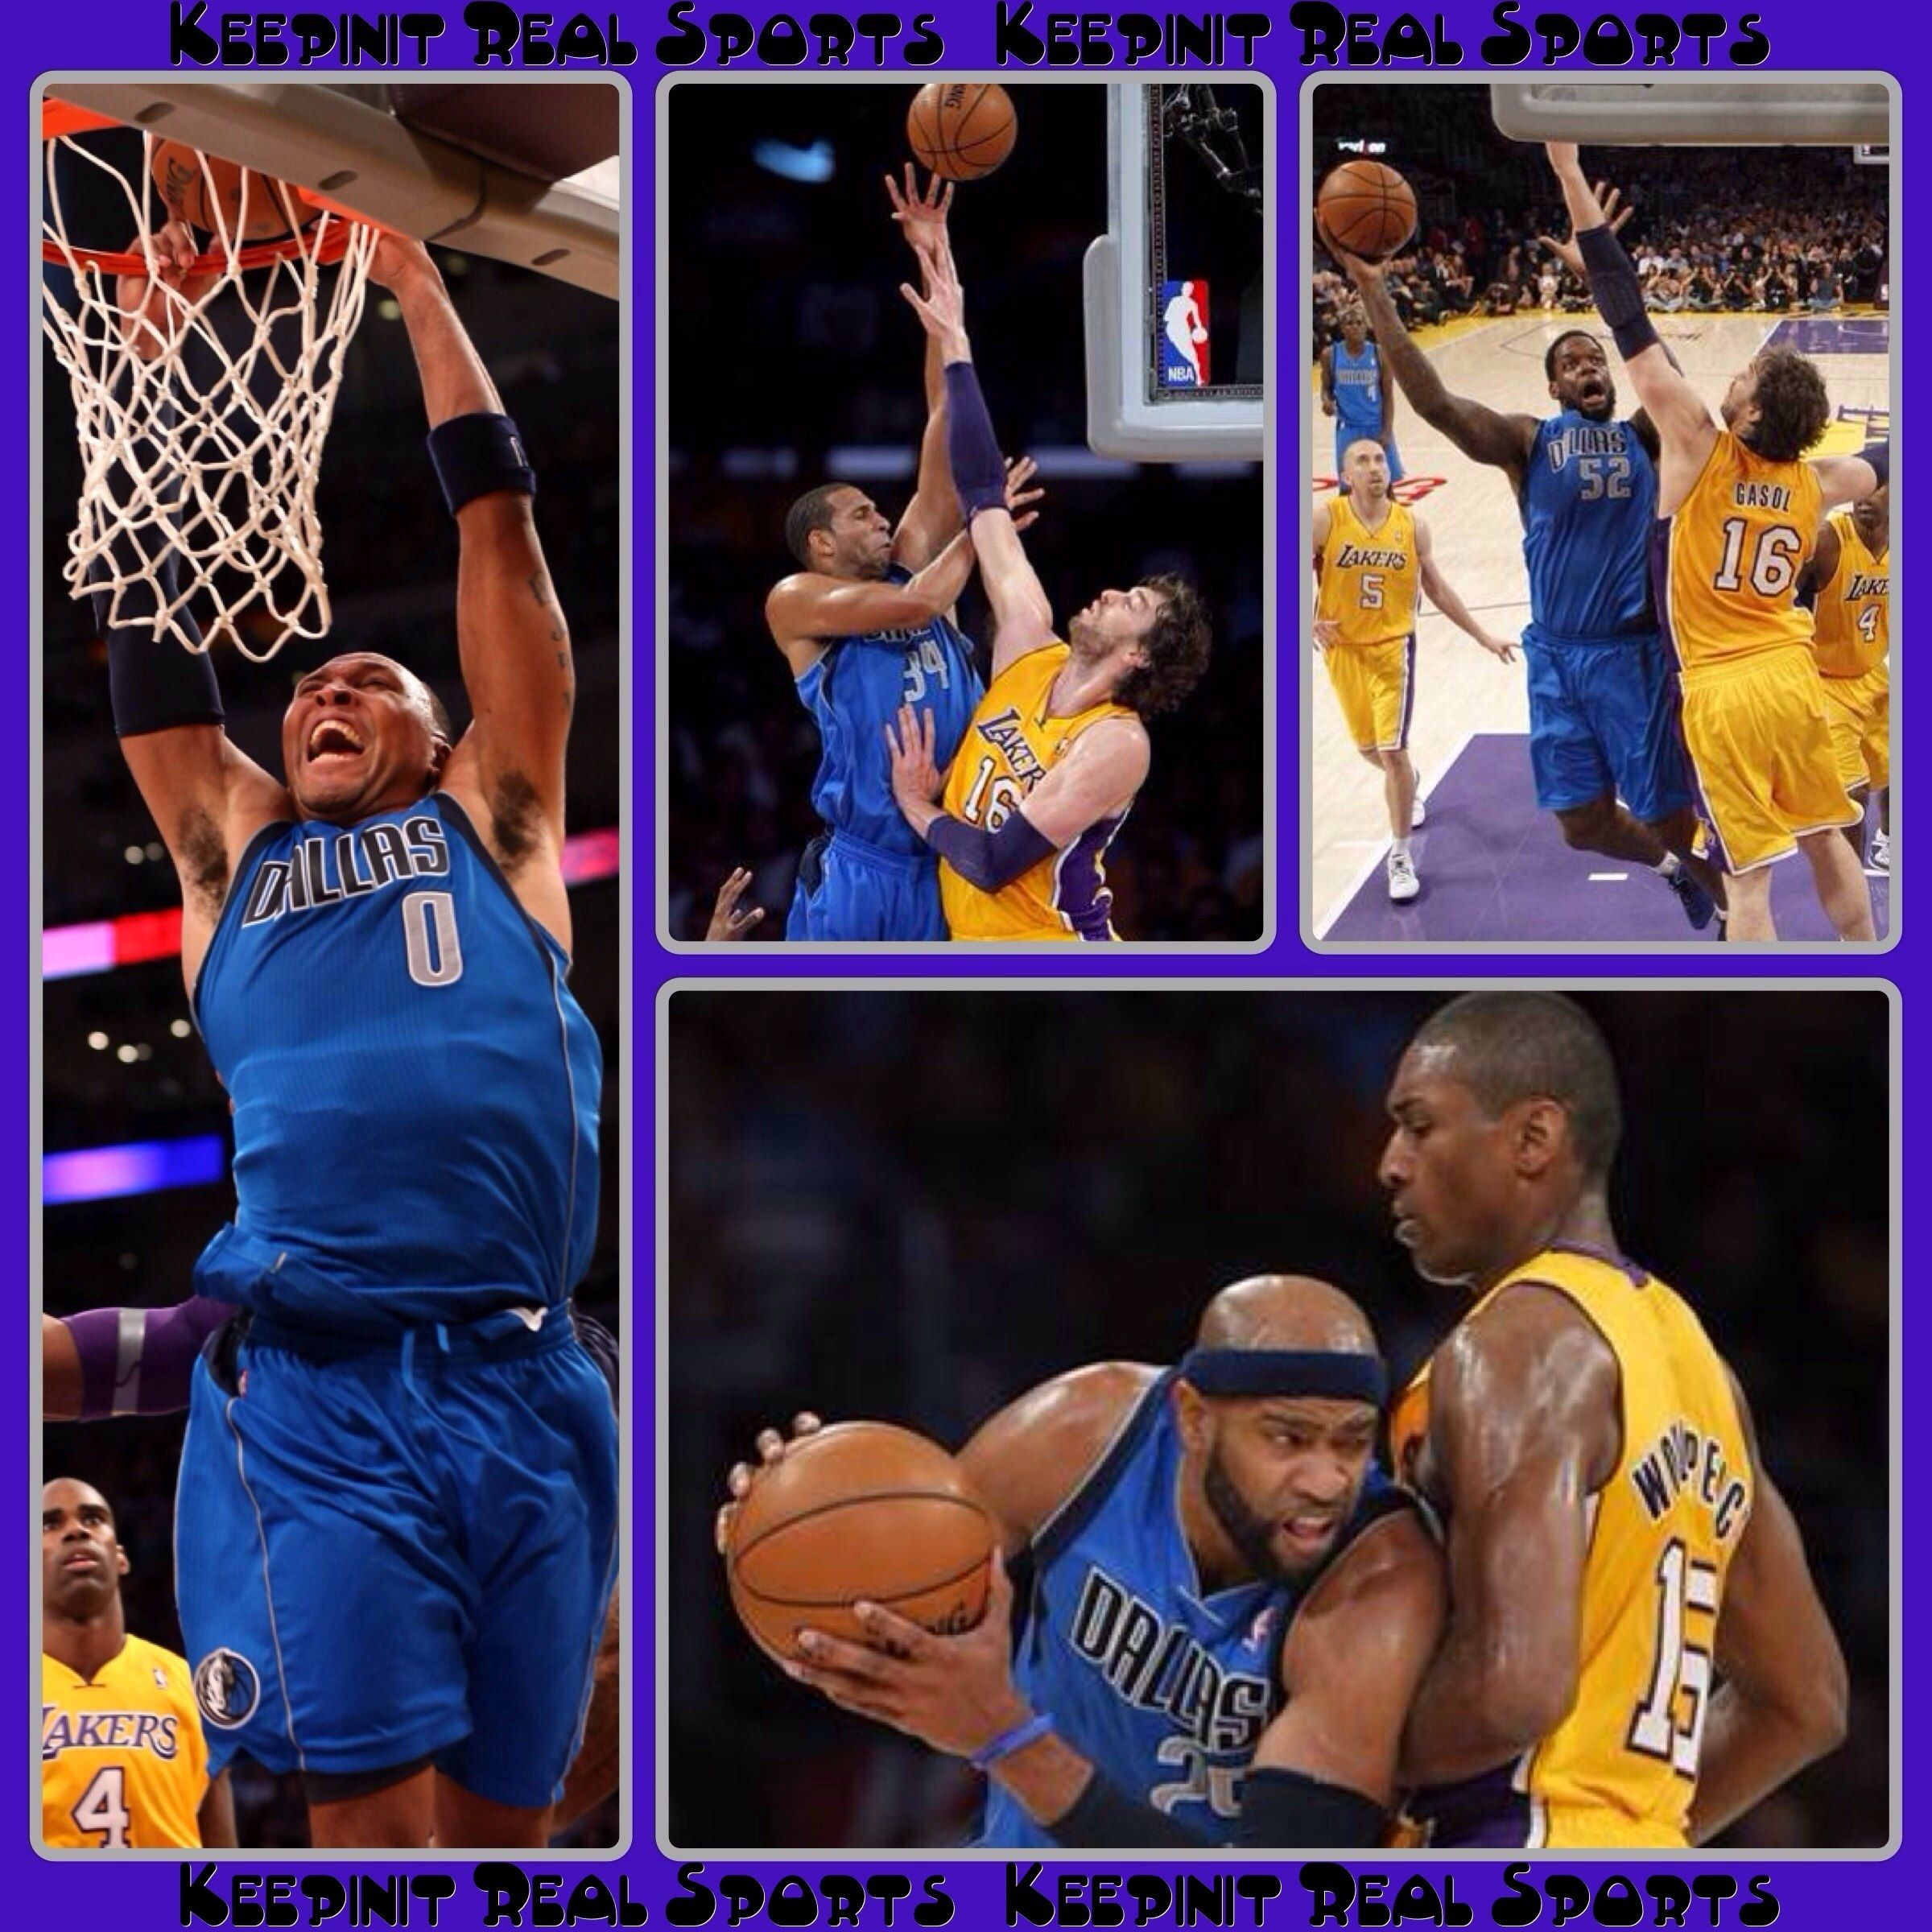 Nba Game Stats Mavericks Vs Lakers Mavericks 99 1 0 0